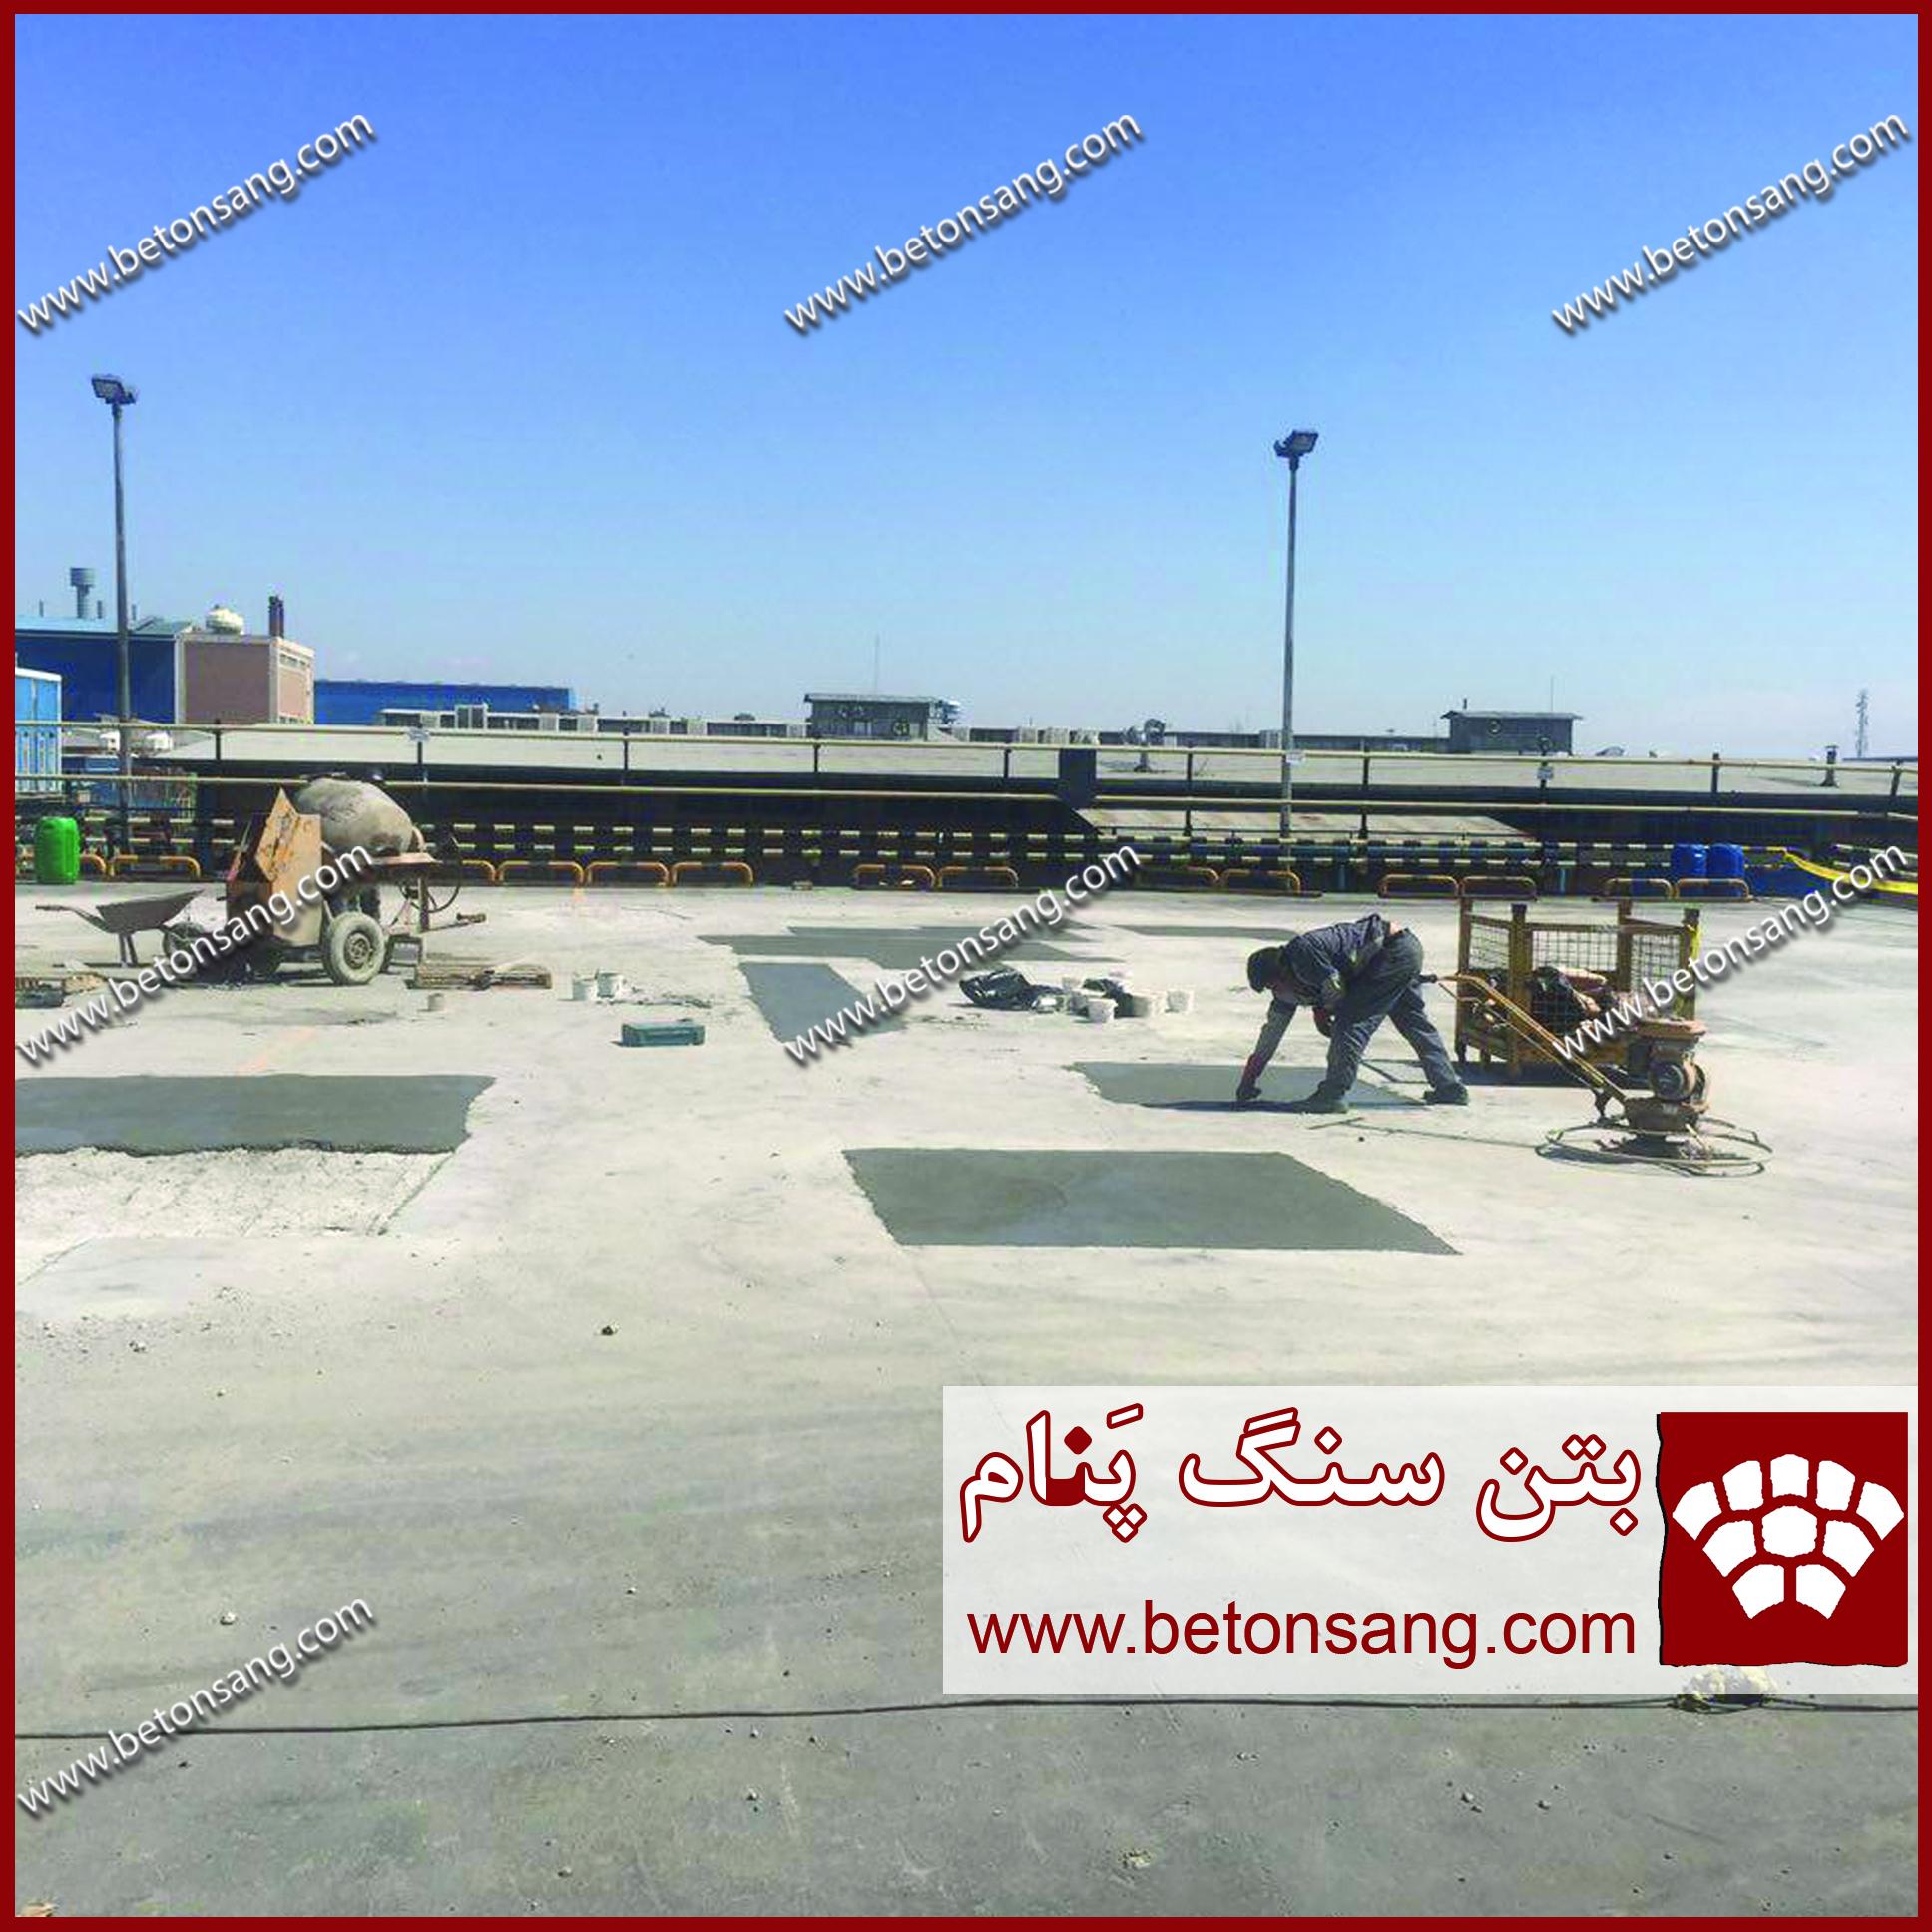 بتن سنگ پنام - کف سازی بتنی - کف سازی ایران خودرو - کف مقاوم